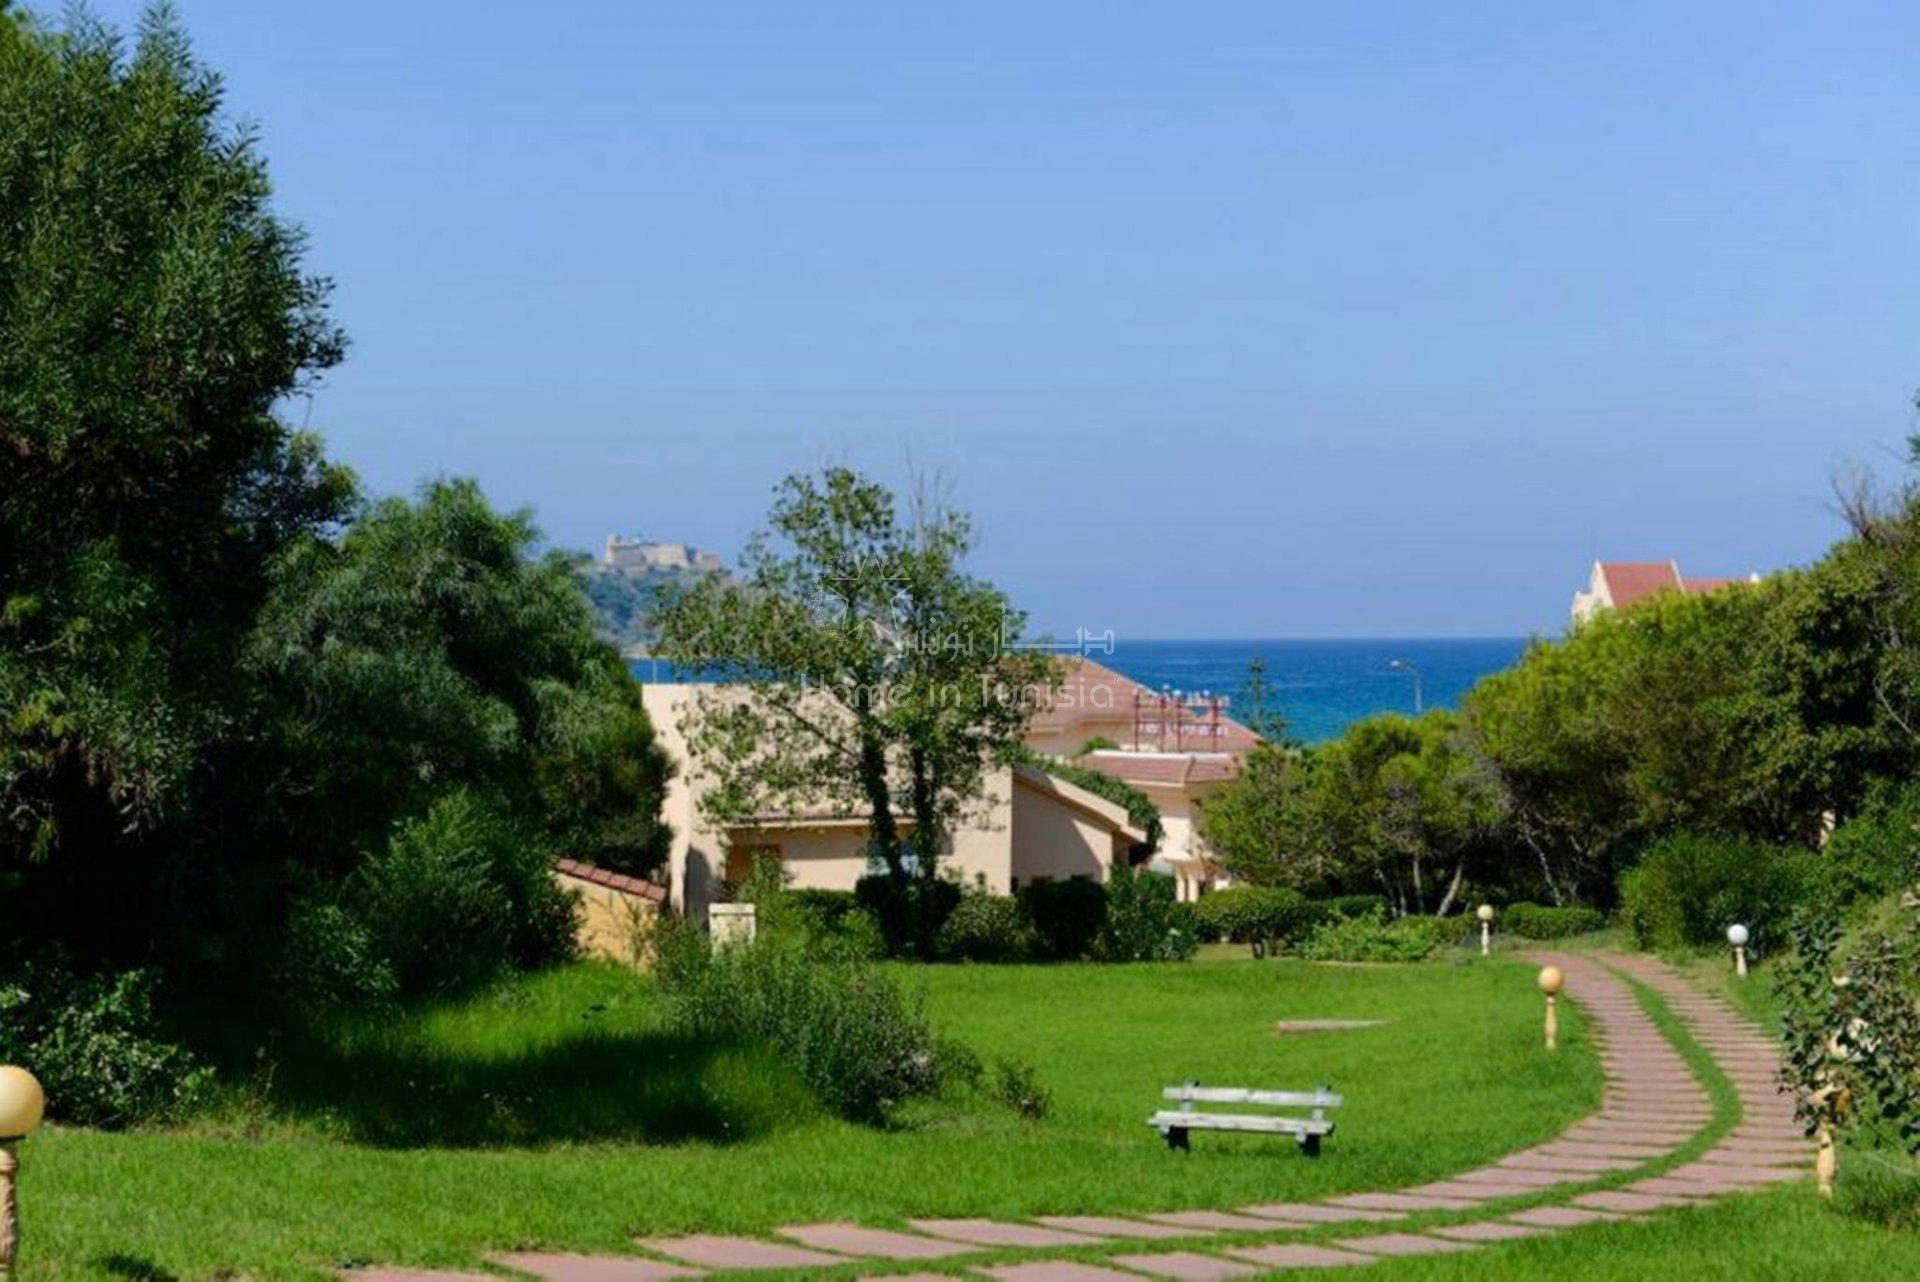 Rdc s 1 de 78 m2 meubl en bord de mer avec jardin piscine for Piscine 78